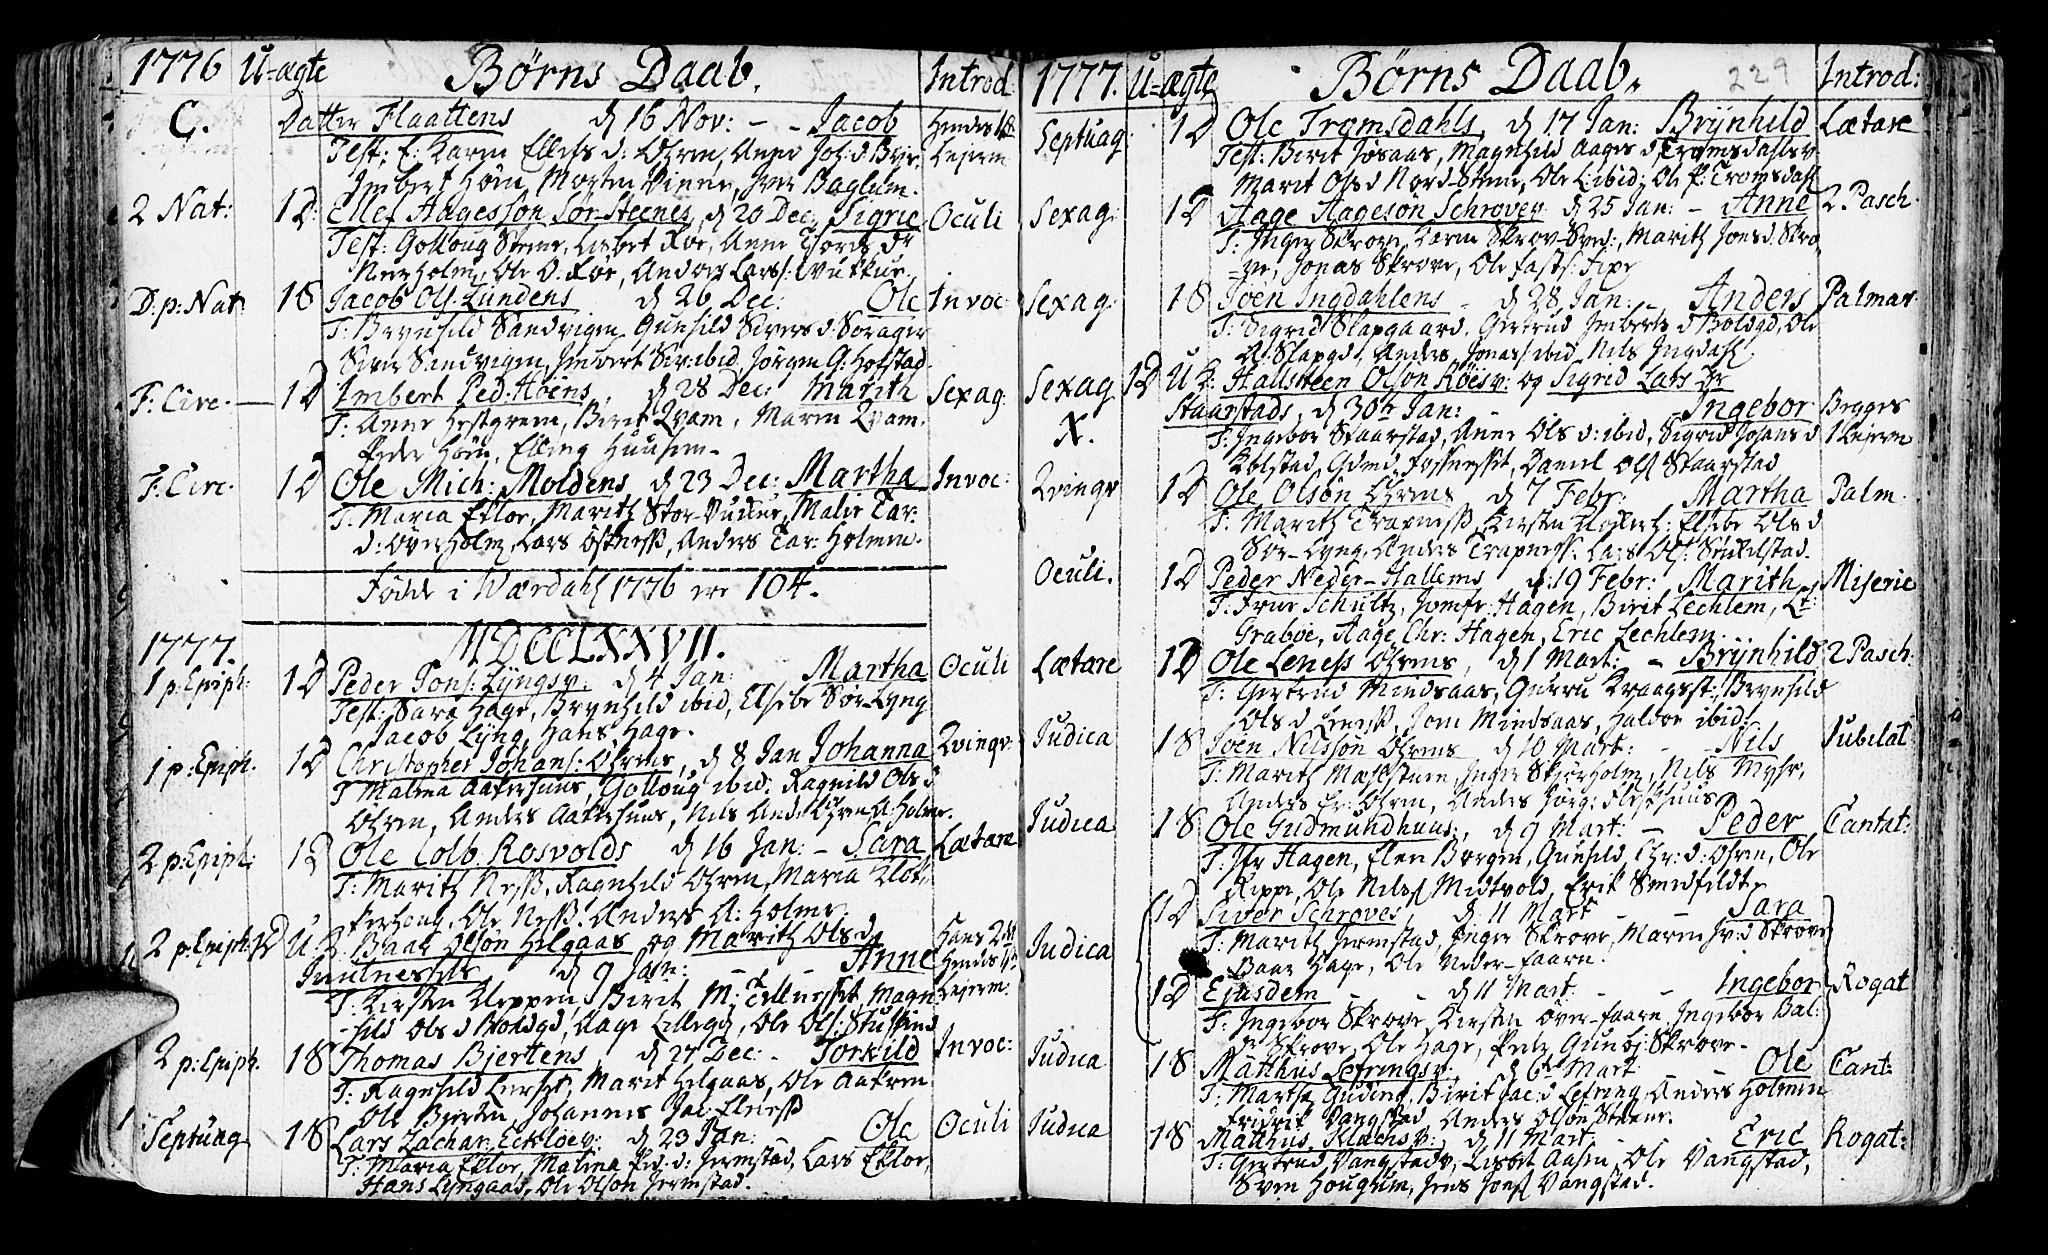 SAT, Ministerialprotokoller, klokkerbøker og fødselsregistre - Nord-Trøndelag, 723/L0231: Ministerialbok nr. 723A02, 1748-1780, s. 229